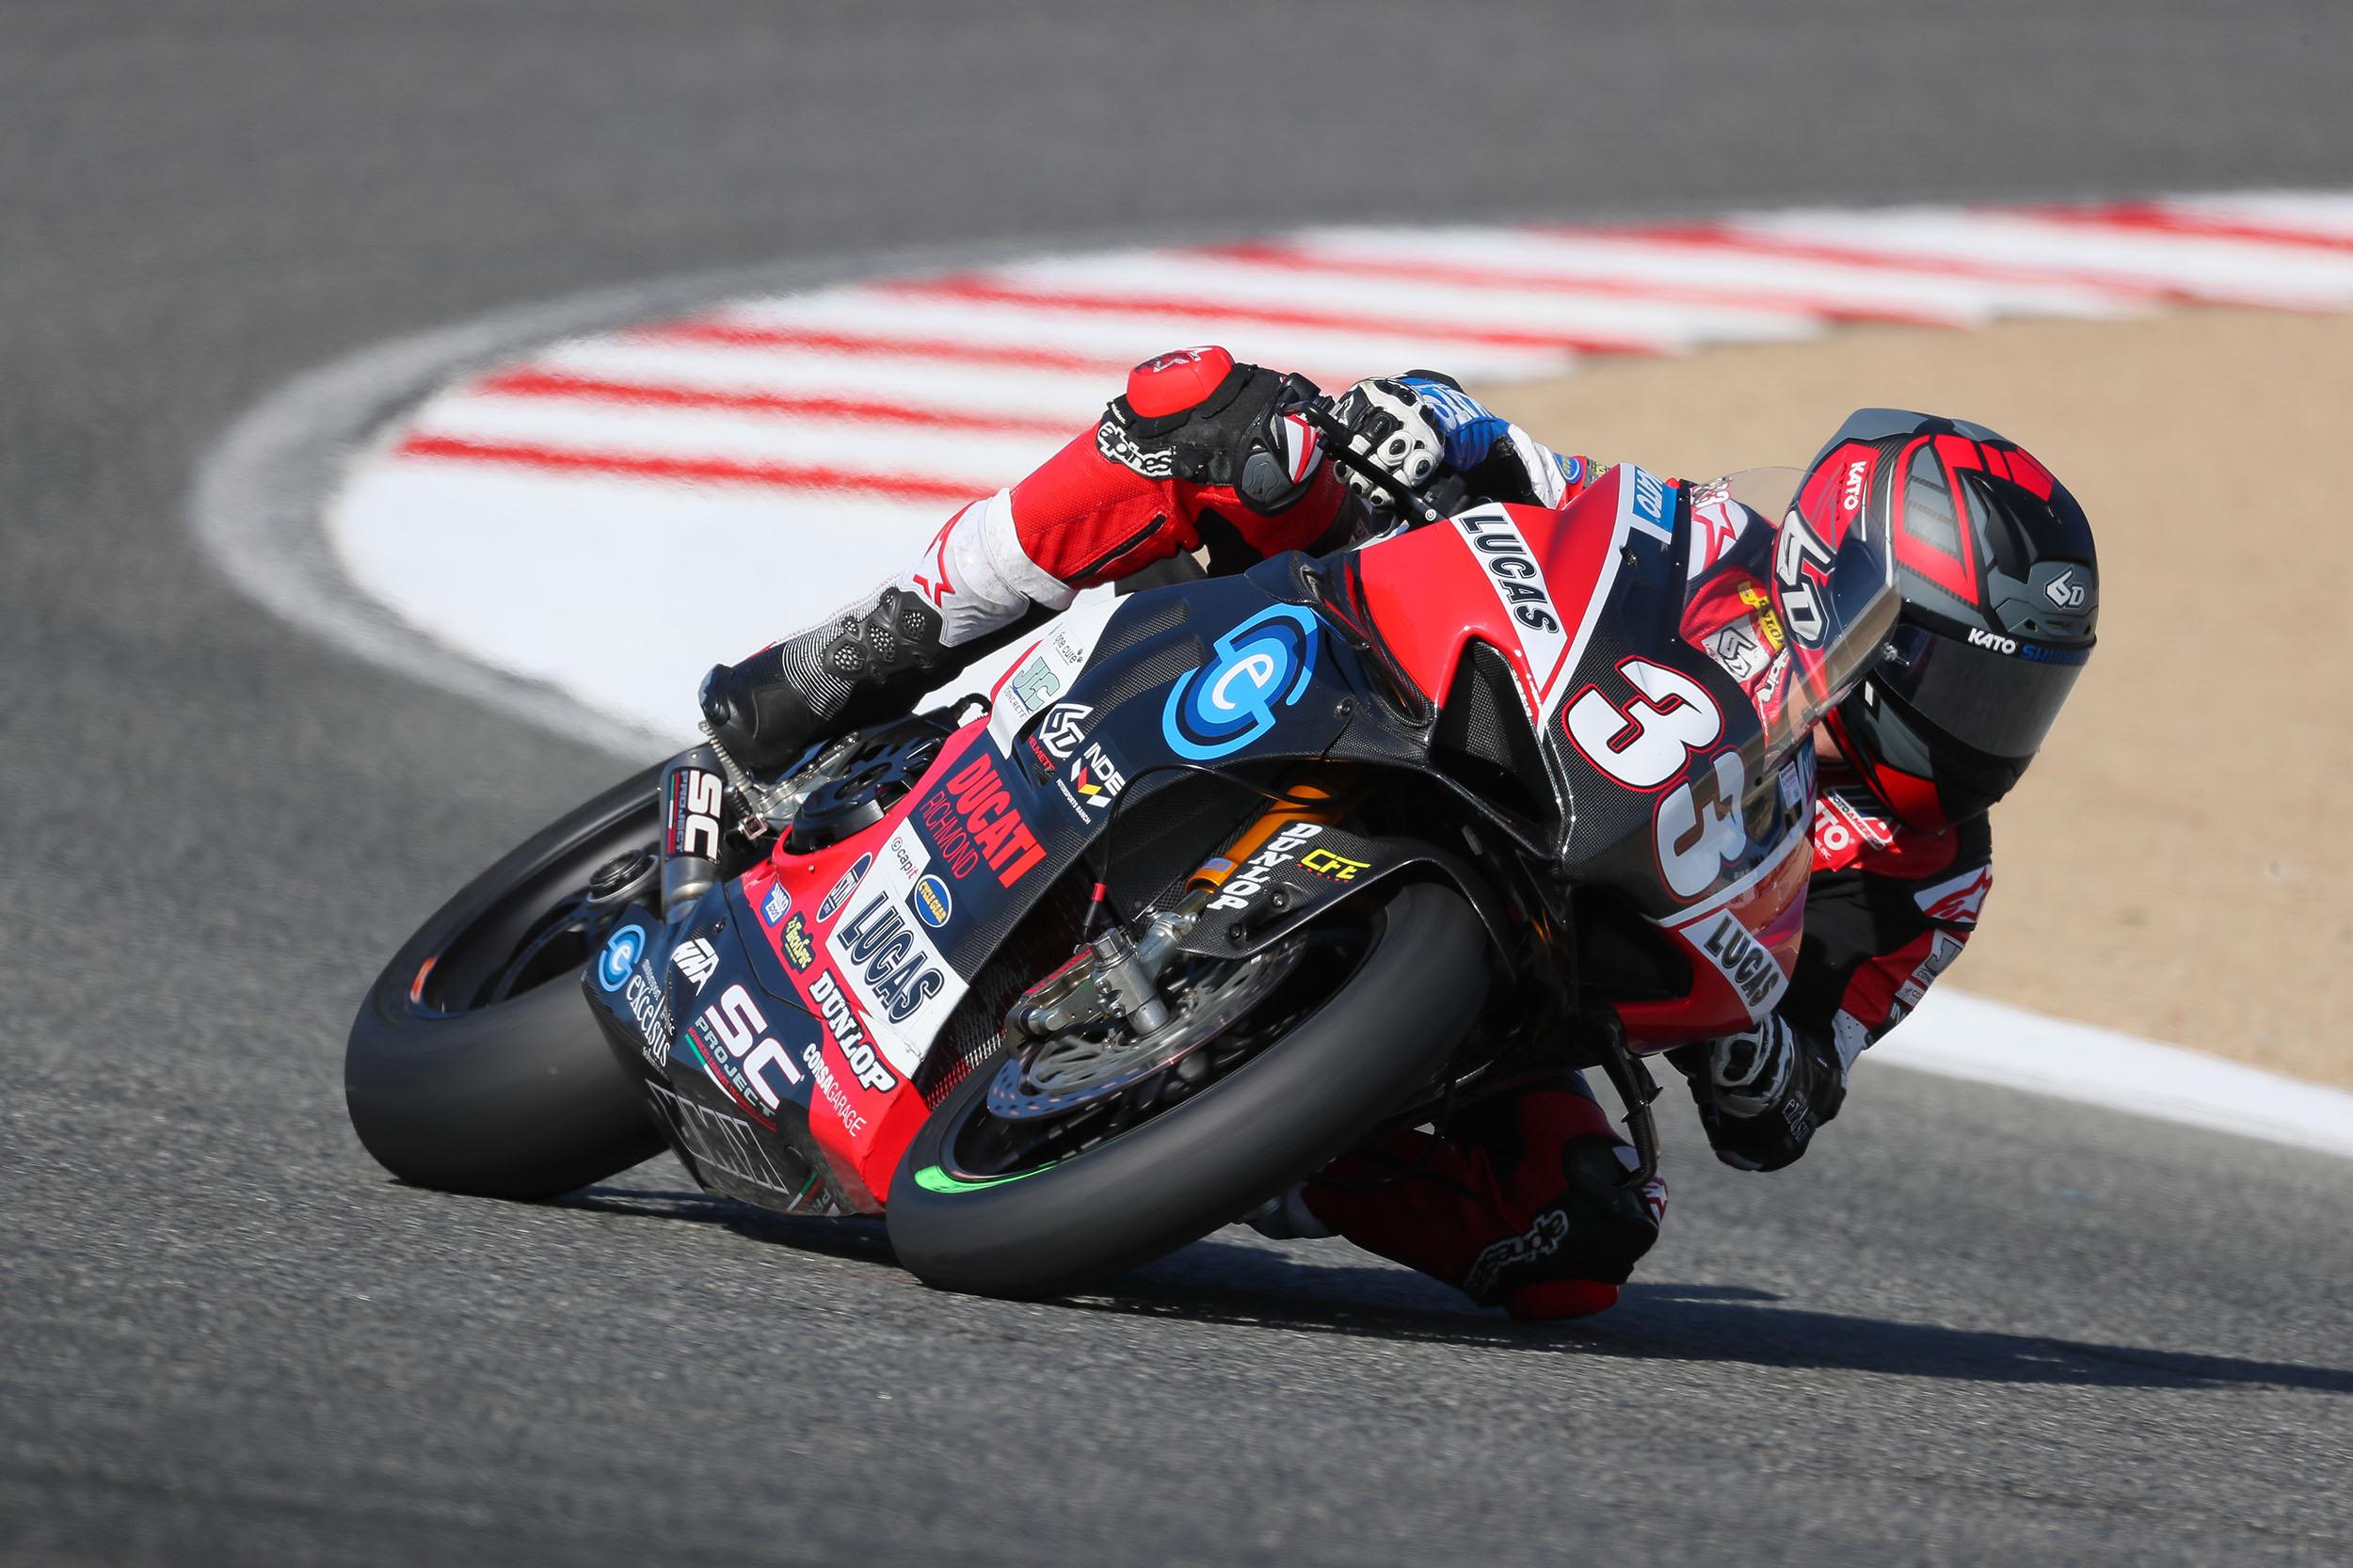 201024 MotoAmerica - Kyle Wyman - #33 – Laguna Seca (2)